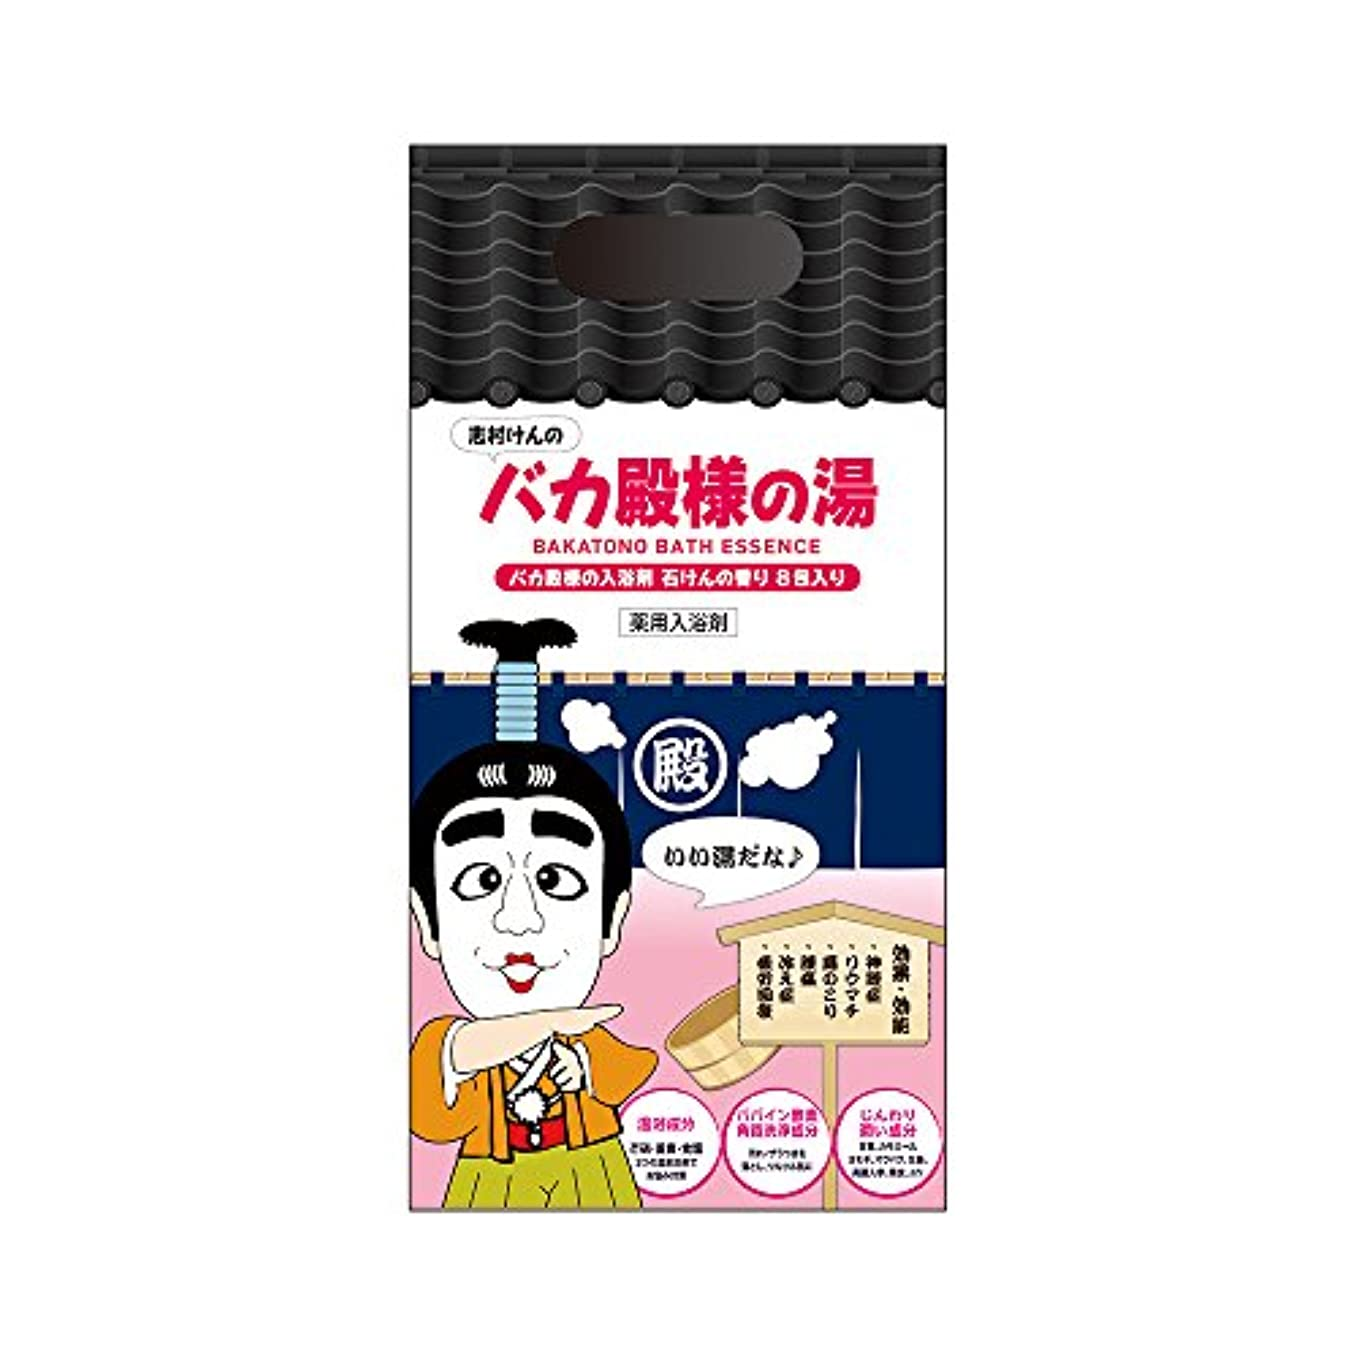 吸う好奇心盛中性志村けんのバカ殿様の湯 バカ殿様の入浴剤 石けんの香り (25g × 8包入り)